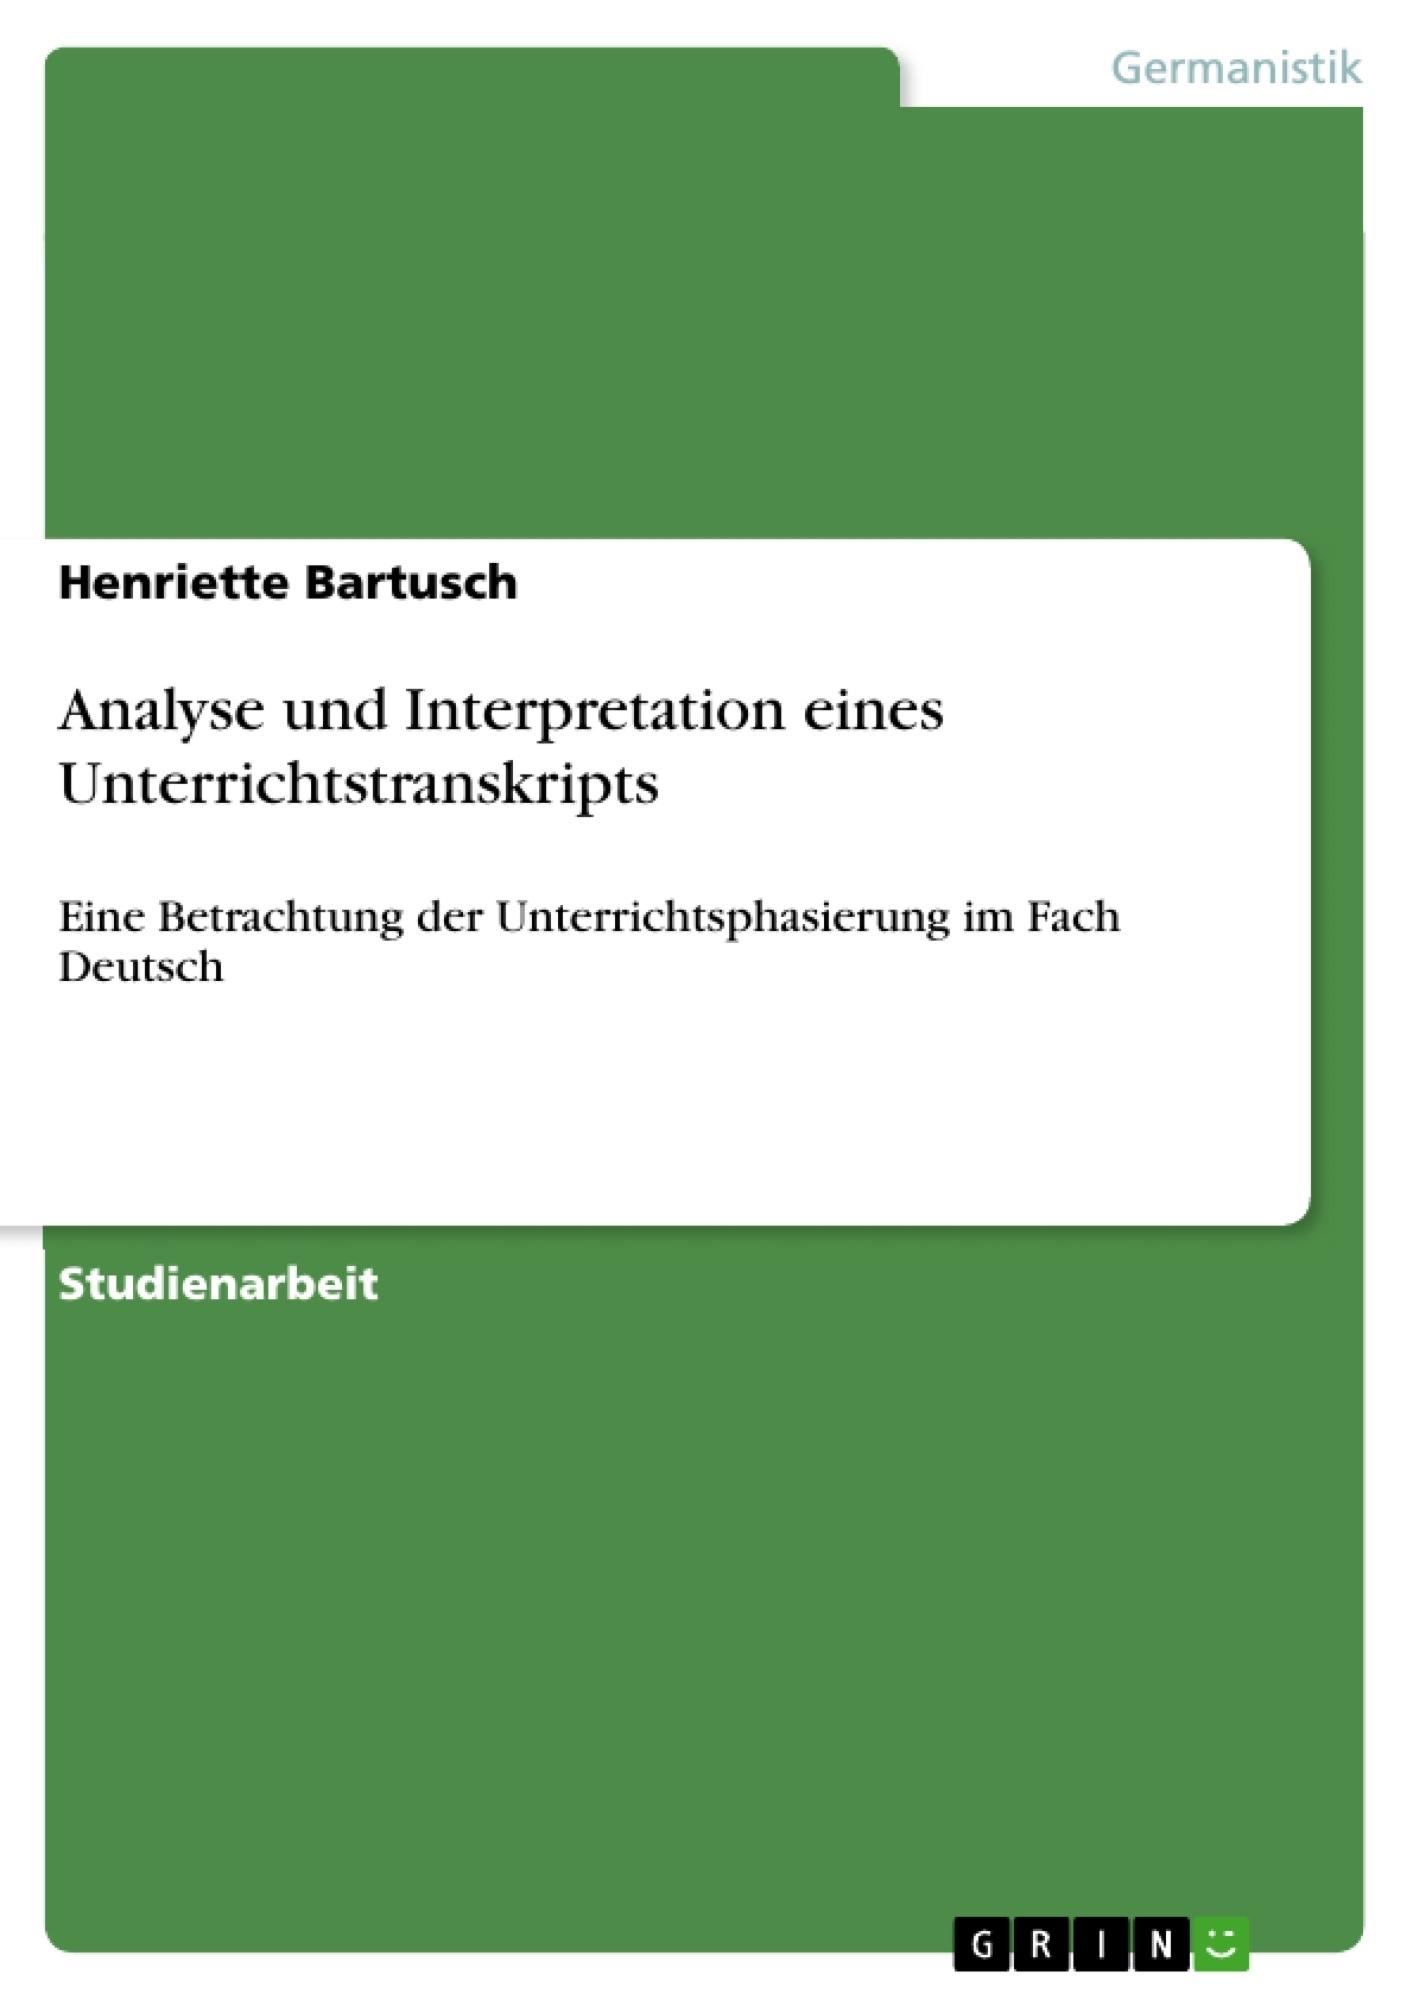 Titel: Analyse und Interpretation eines Unterrichtstranskripts